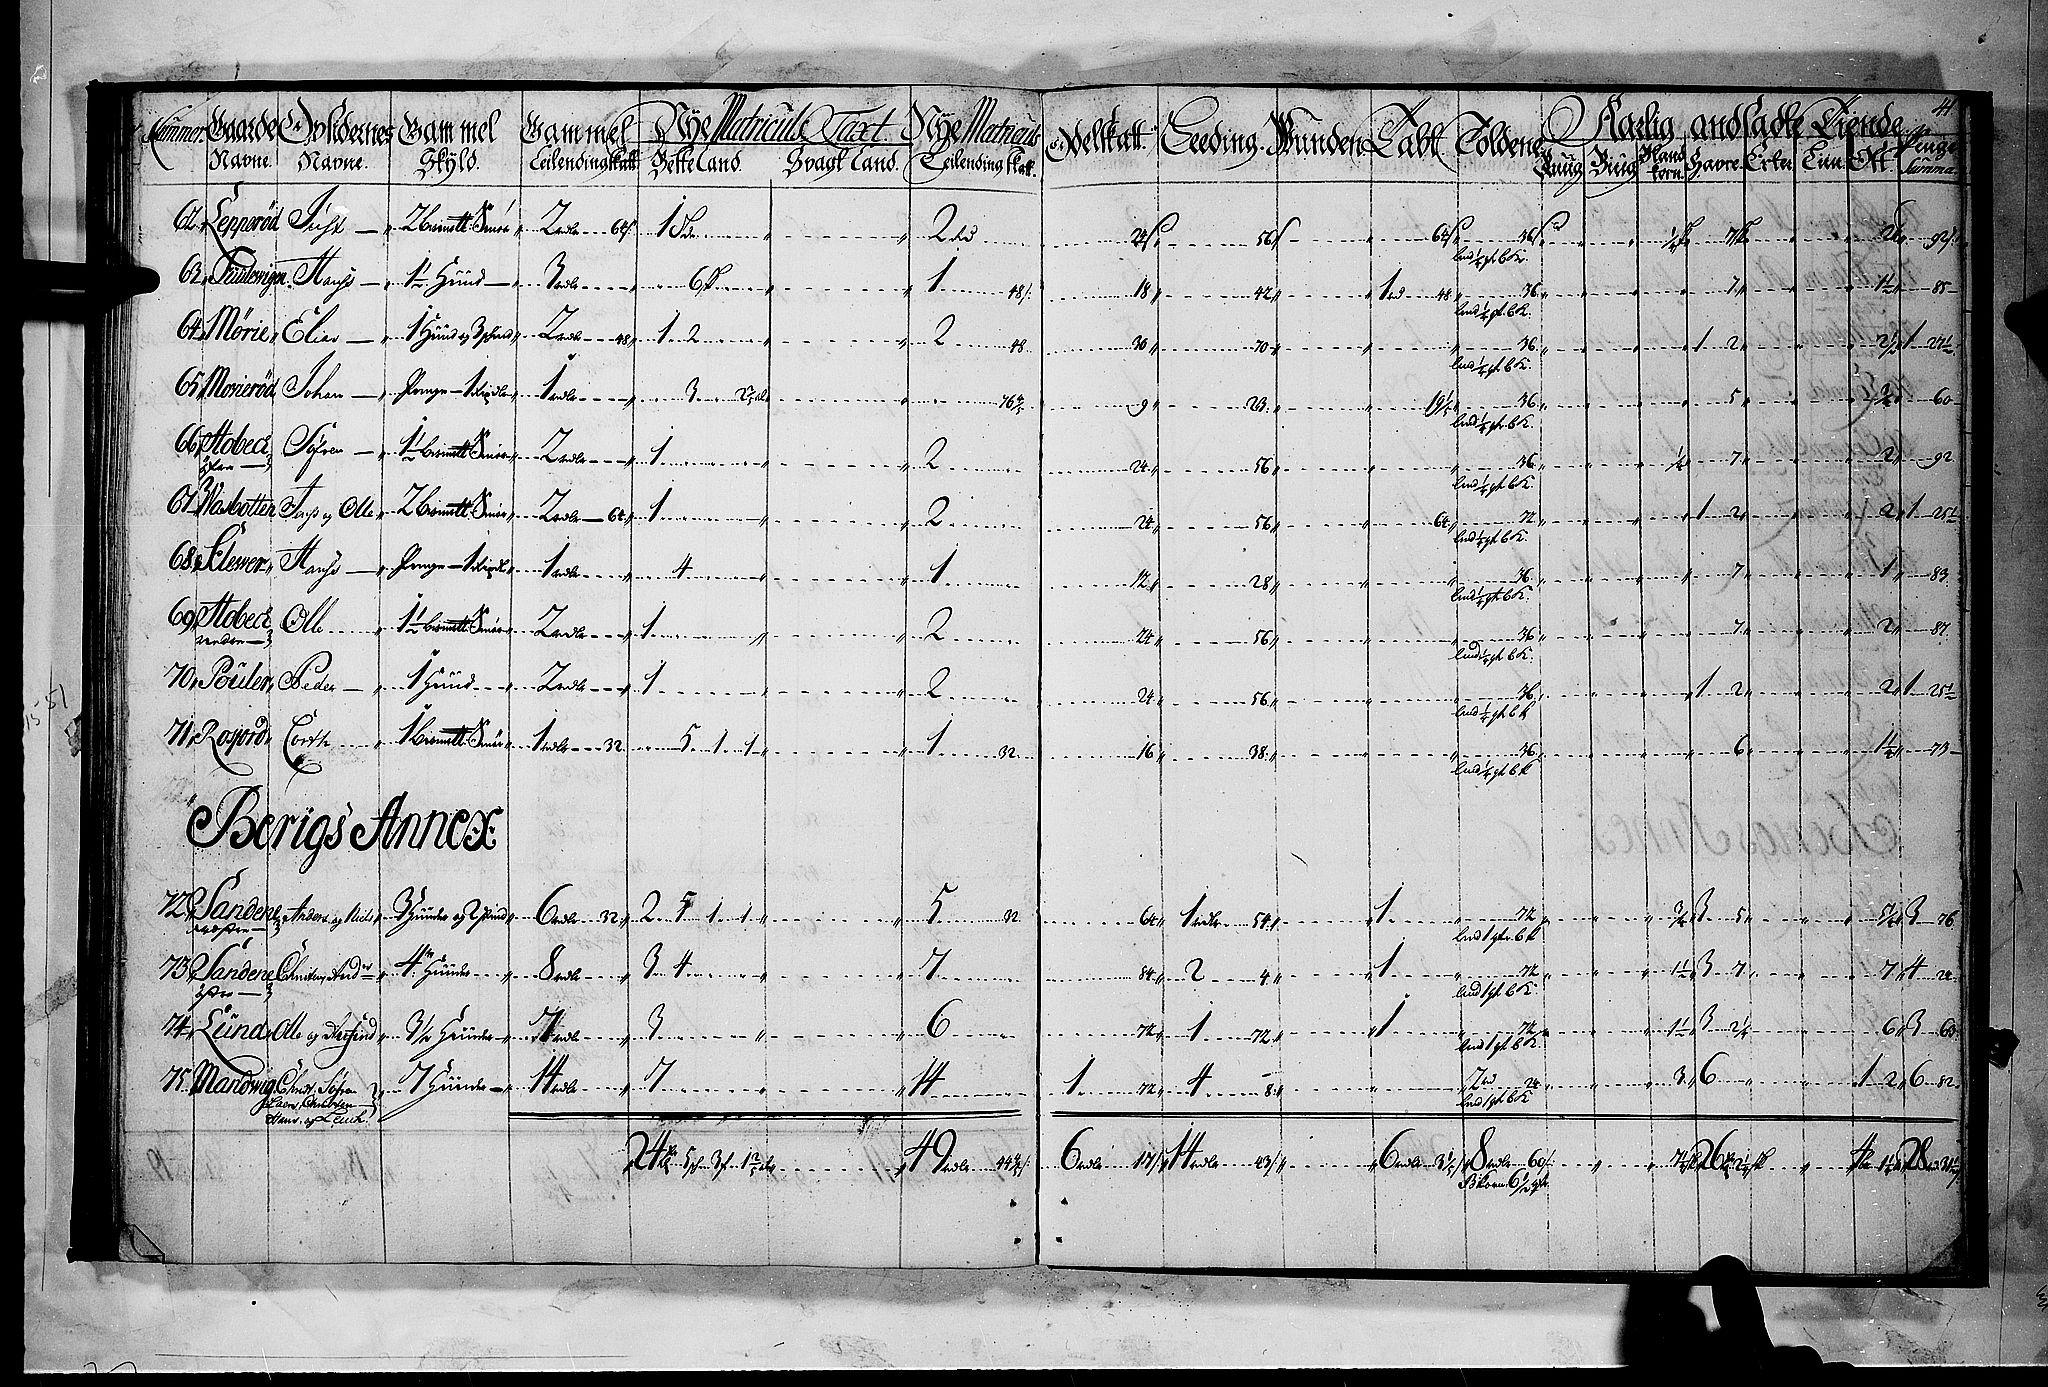 RA, Rentekammeret inntil 1814, Realistisk ordnet avdeling, N/Nb/Nbf/L0118: Larvik grevskap matrikkelprotokoll, 1723, s. 40b-41a